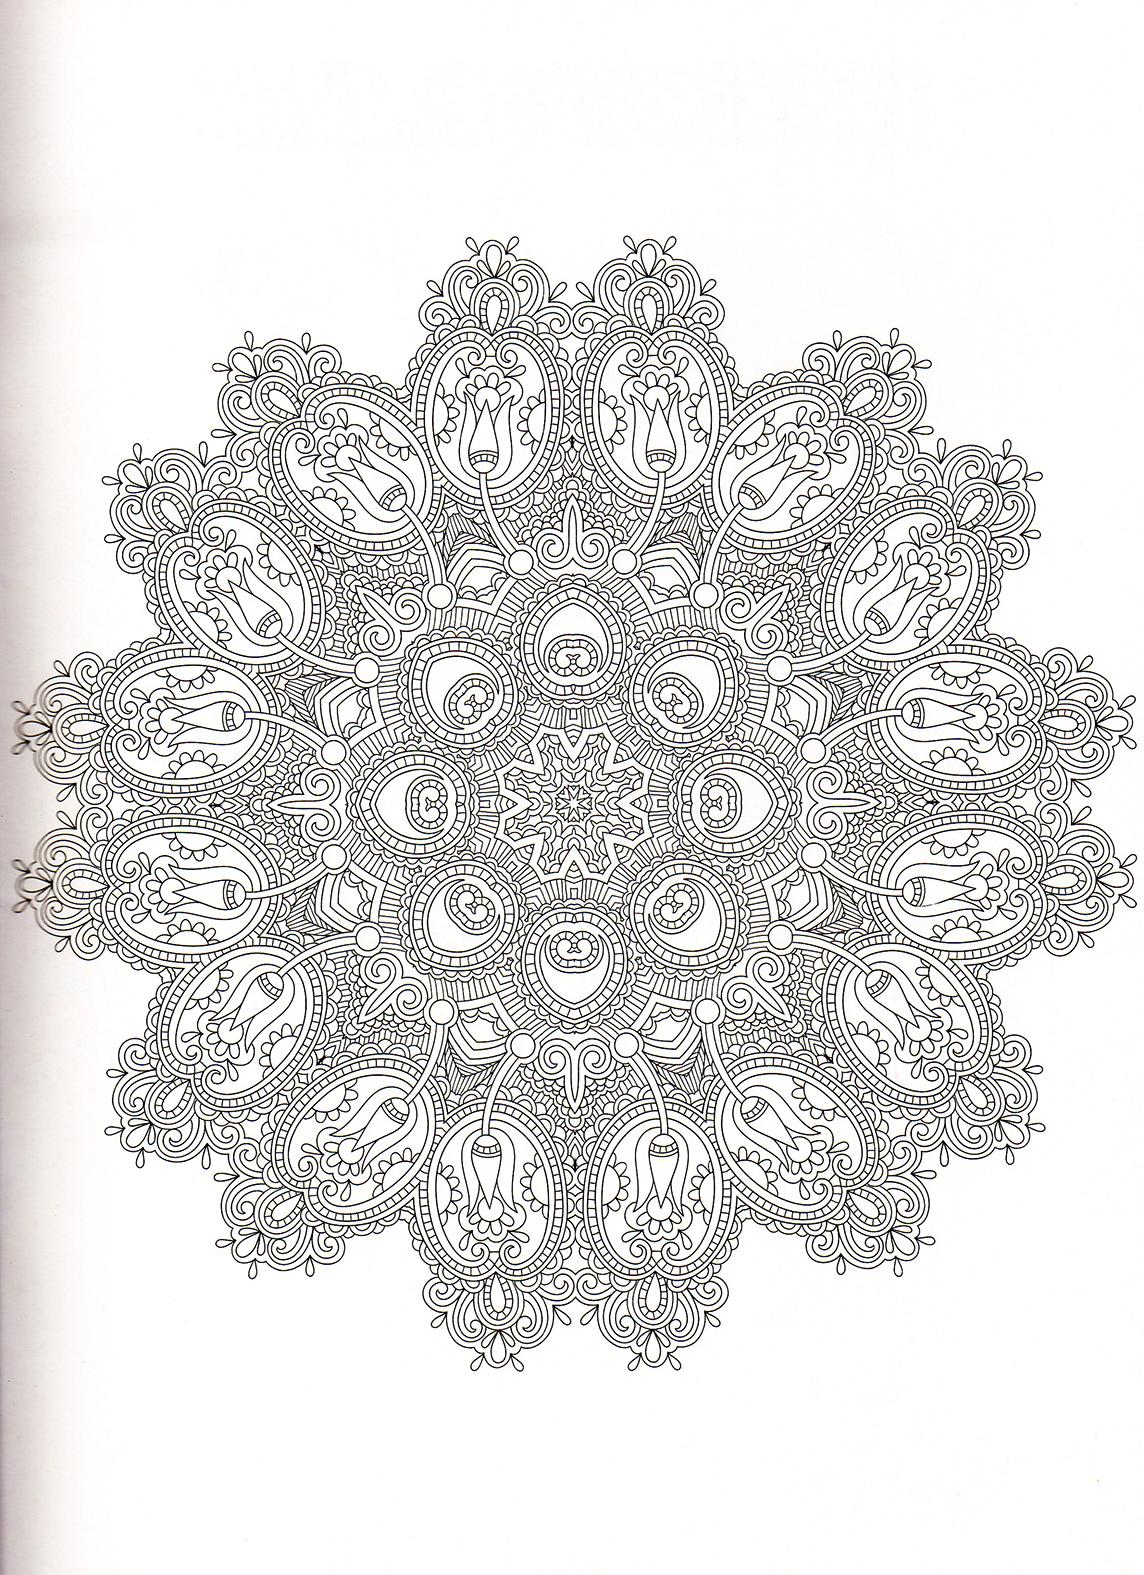 Le Mandala Et La Chromotherapie A Imprimer On Fait Tout